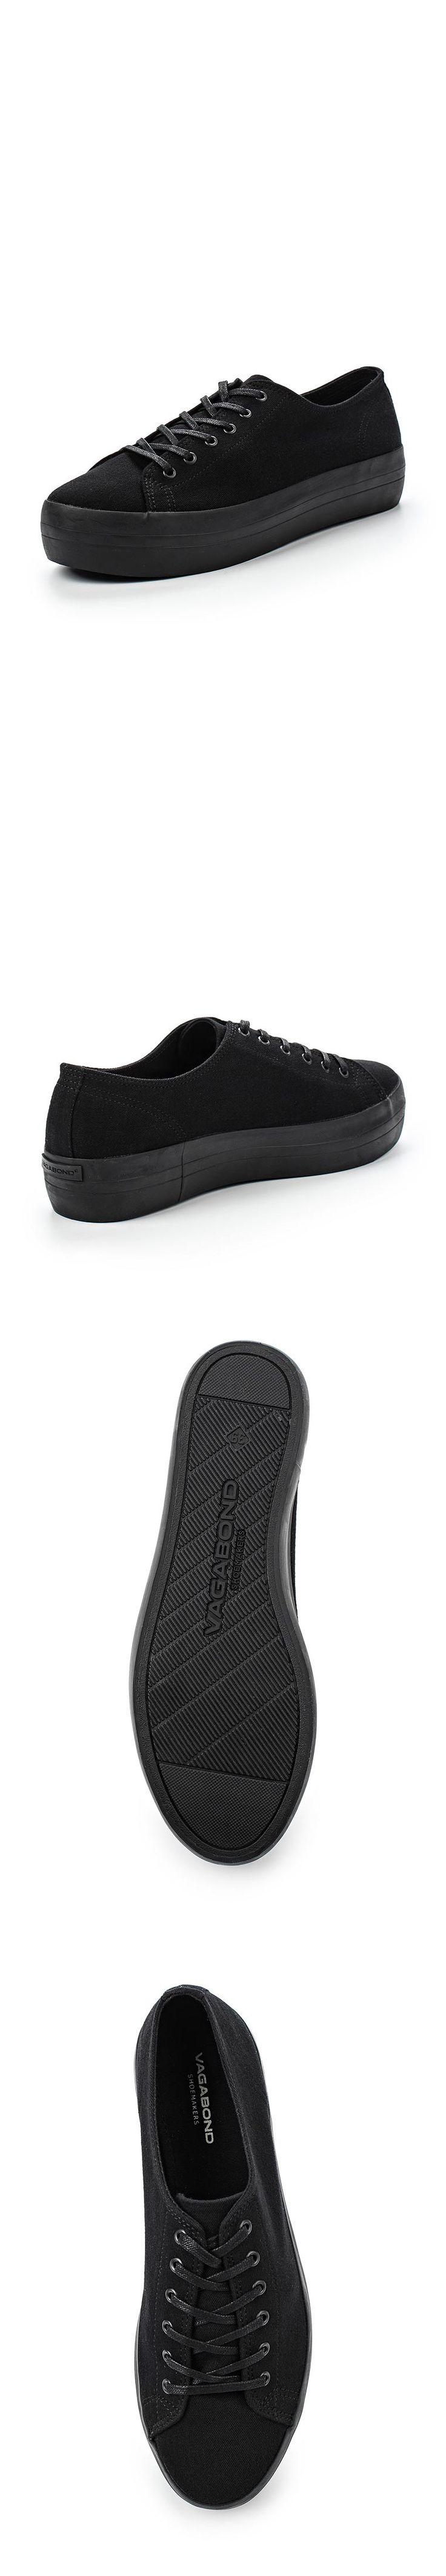 Женская обувь кеды Vagabond за 3780.00 руб.